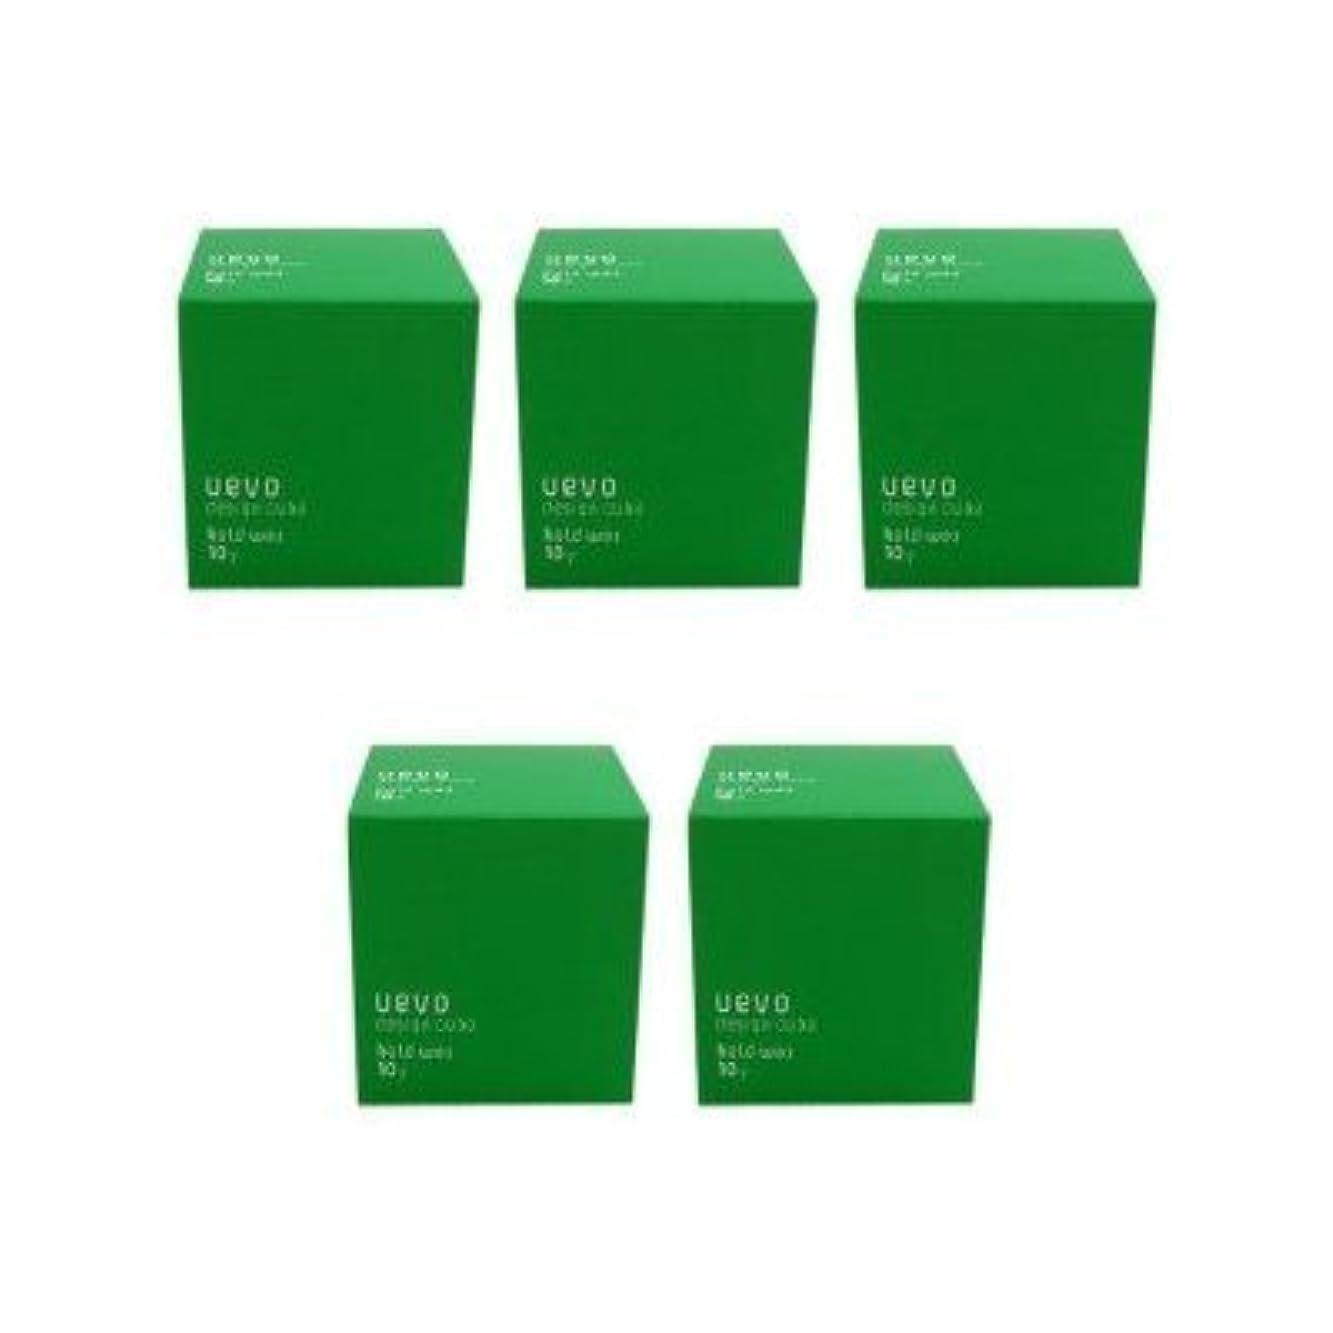 進化する動脈名誉【X5個セット】 デミ ウェーボ デザインキューブ ホールドワックス 80g hold wax DEMI uevo design cube